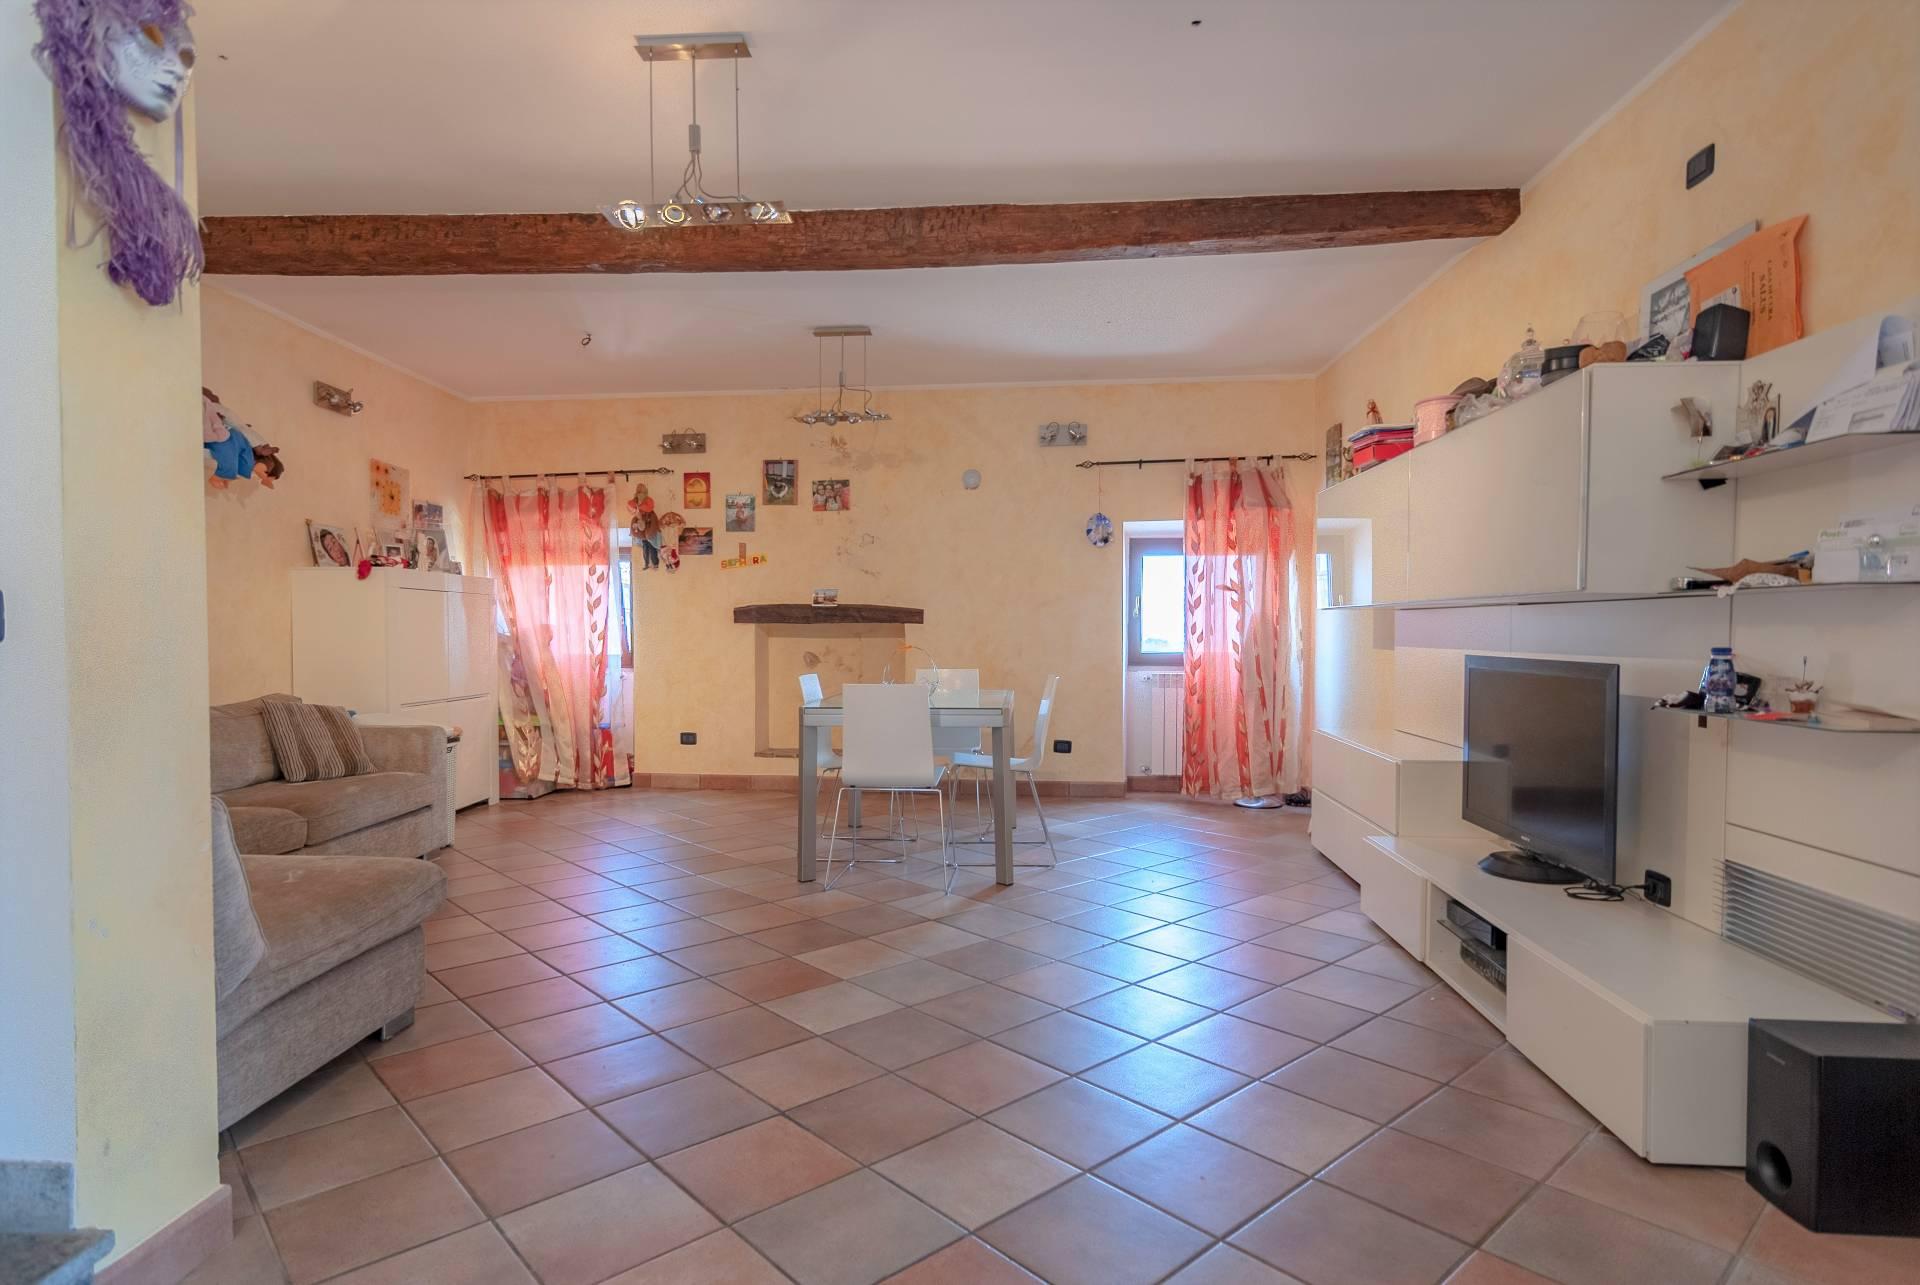 Appartamento in vendita a Viterbo, 3 locali, zona Zona: Bagnaia, prezzo € 85.000 | CambioCasa.it